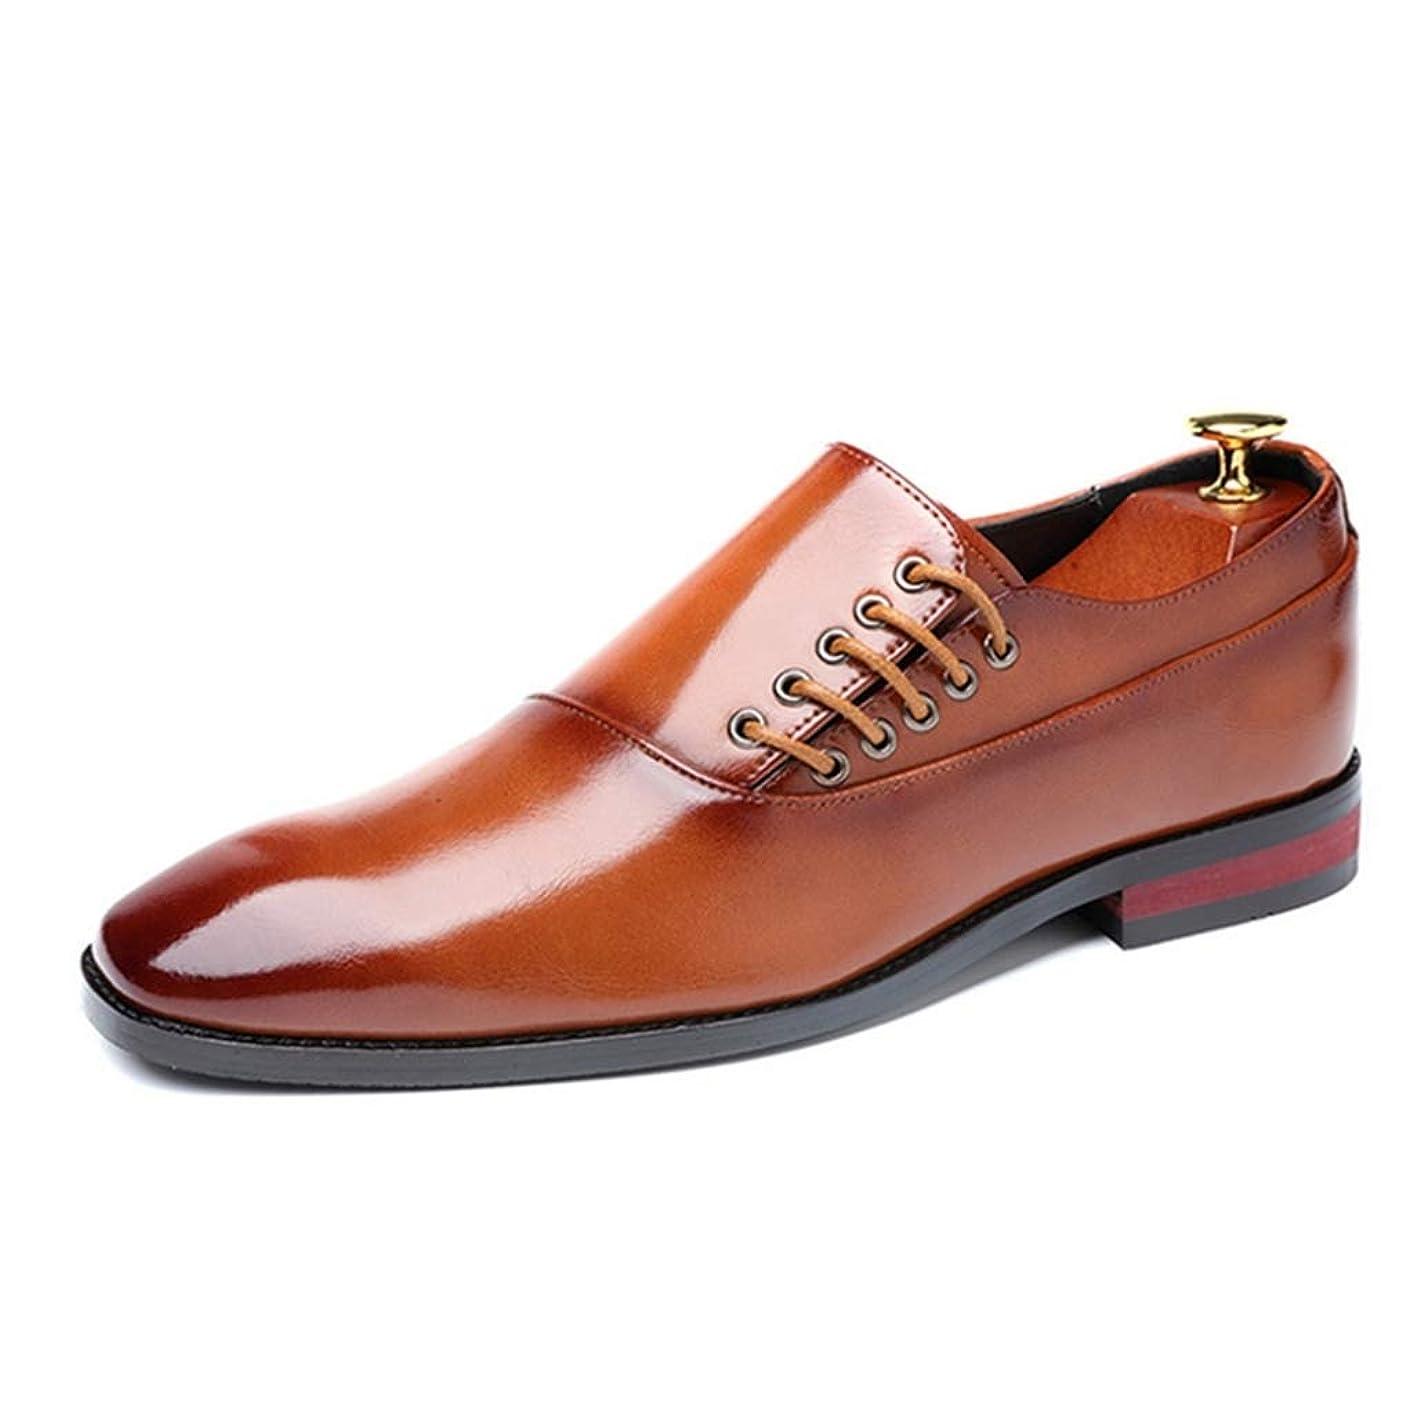 実際出席旋回[VRGT] ビジネスシューズ メンズ レースアップ 革靴 プレーントゥ 内羽根 通気 紳士靴 ドレスシューズ フォーマル 結婚式 疲れにくい オフィス 通勤 歩きやすい 大人 カジュアル パーティー 滑りにくい 入社式 デート お見合い